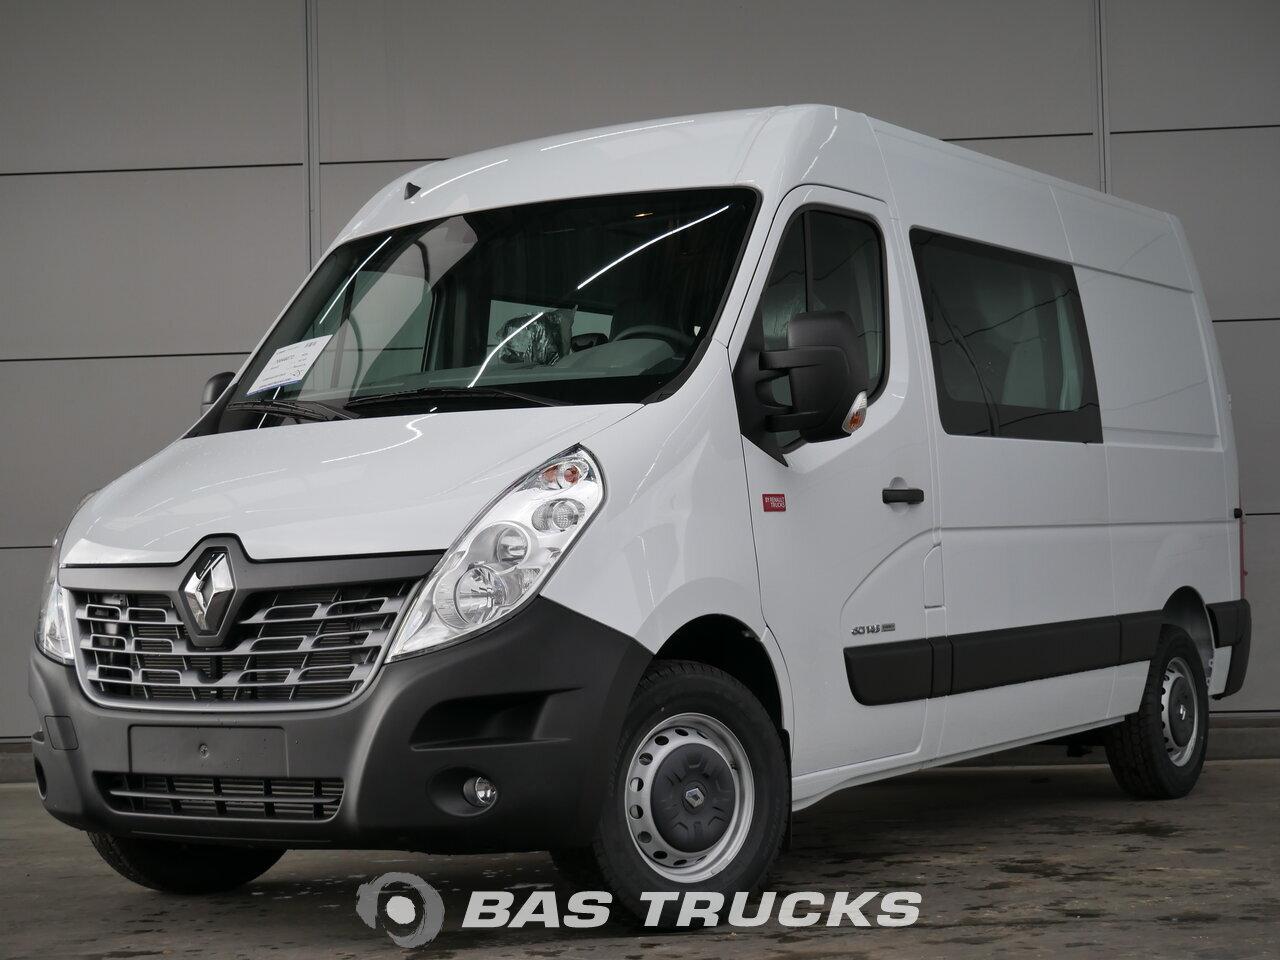 renault master light commercial vehicle bas trucks. Black Bedroom Furniture Sets. Home Design Ideas